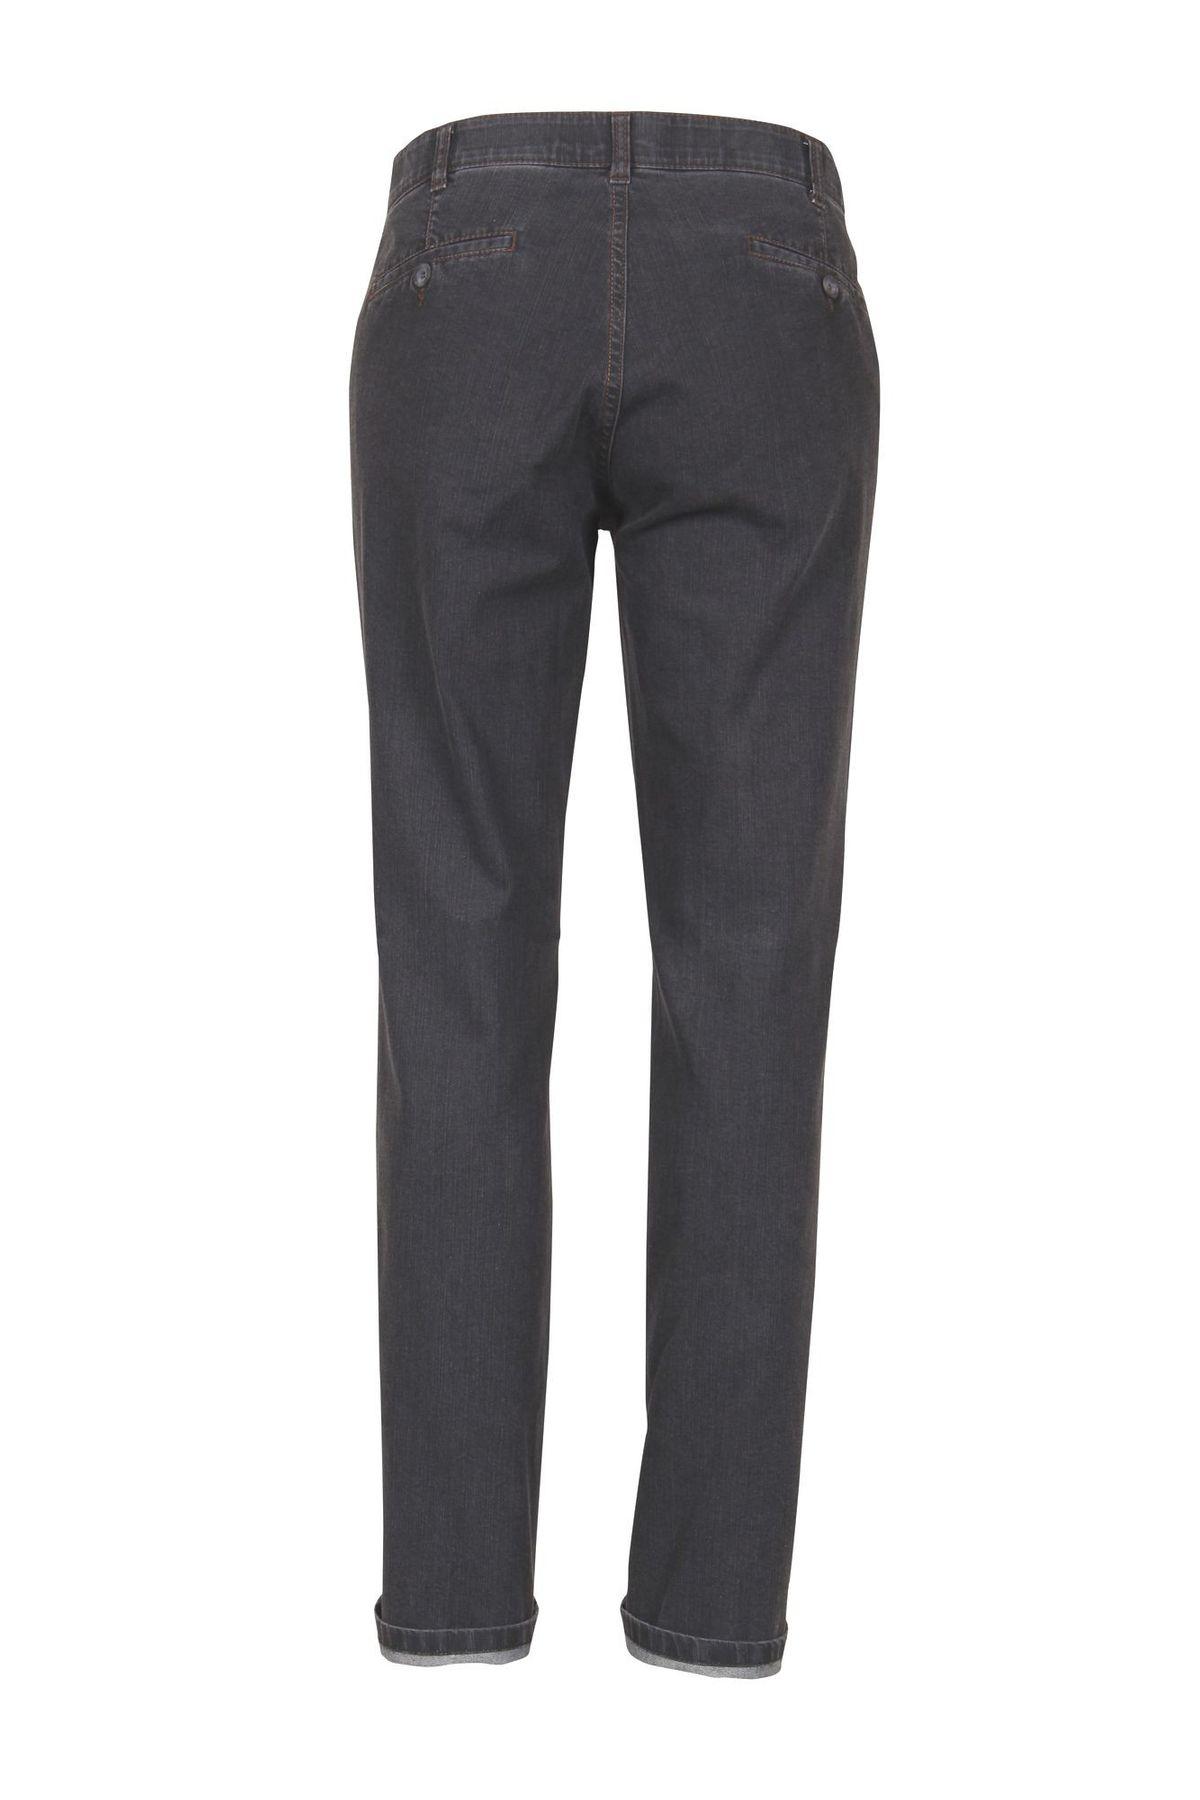 Club of Comfort - Herren Jeans Hose in verschiedenen Farbvarianten, Liam (4631) – Bild 3